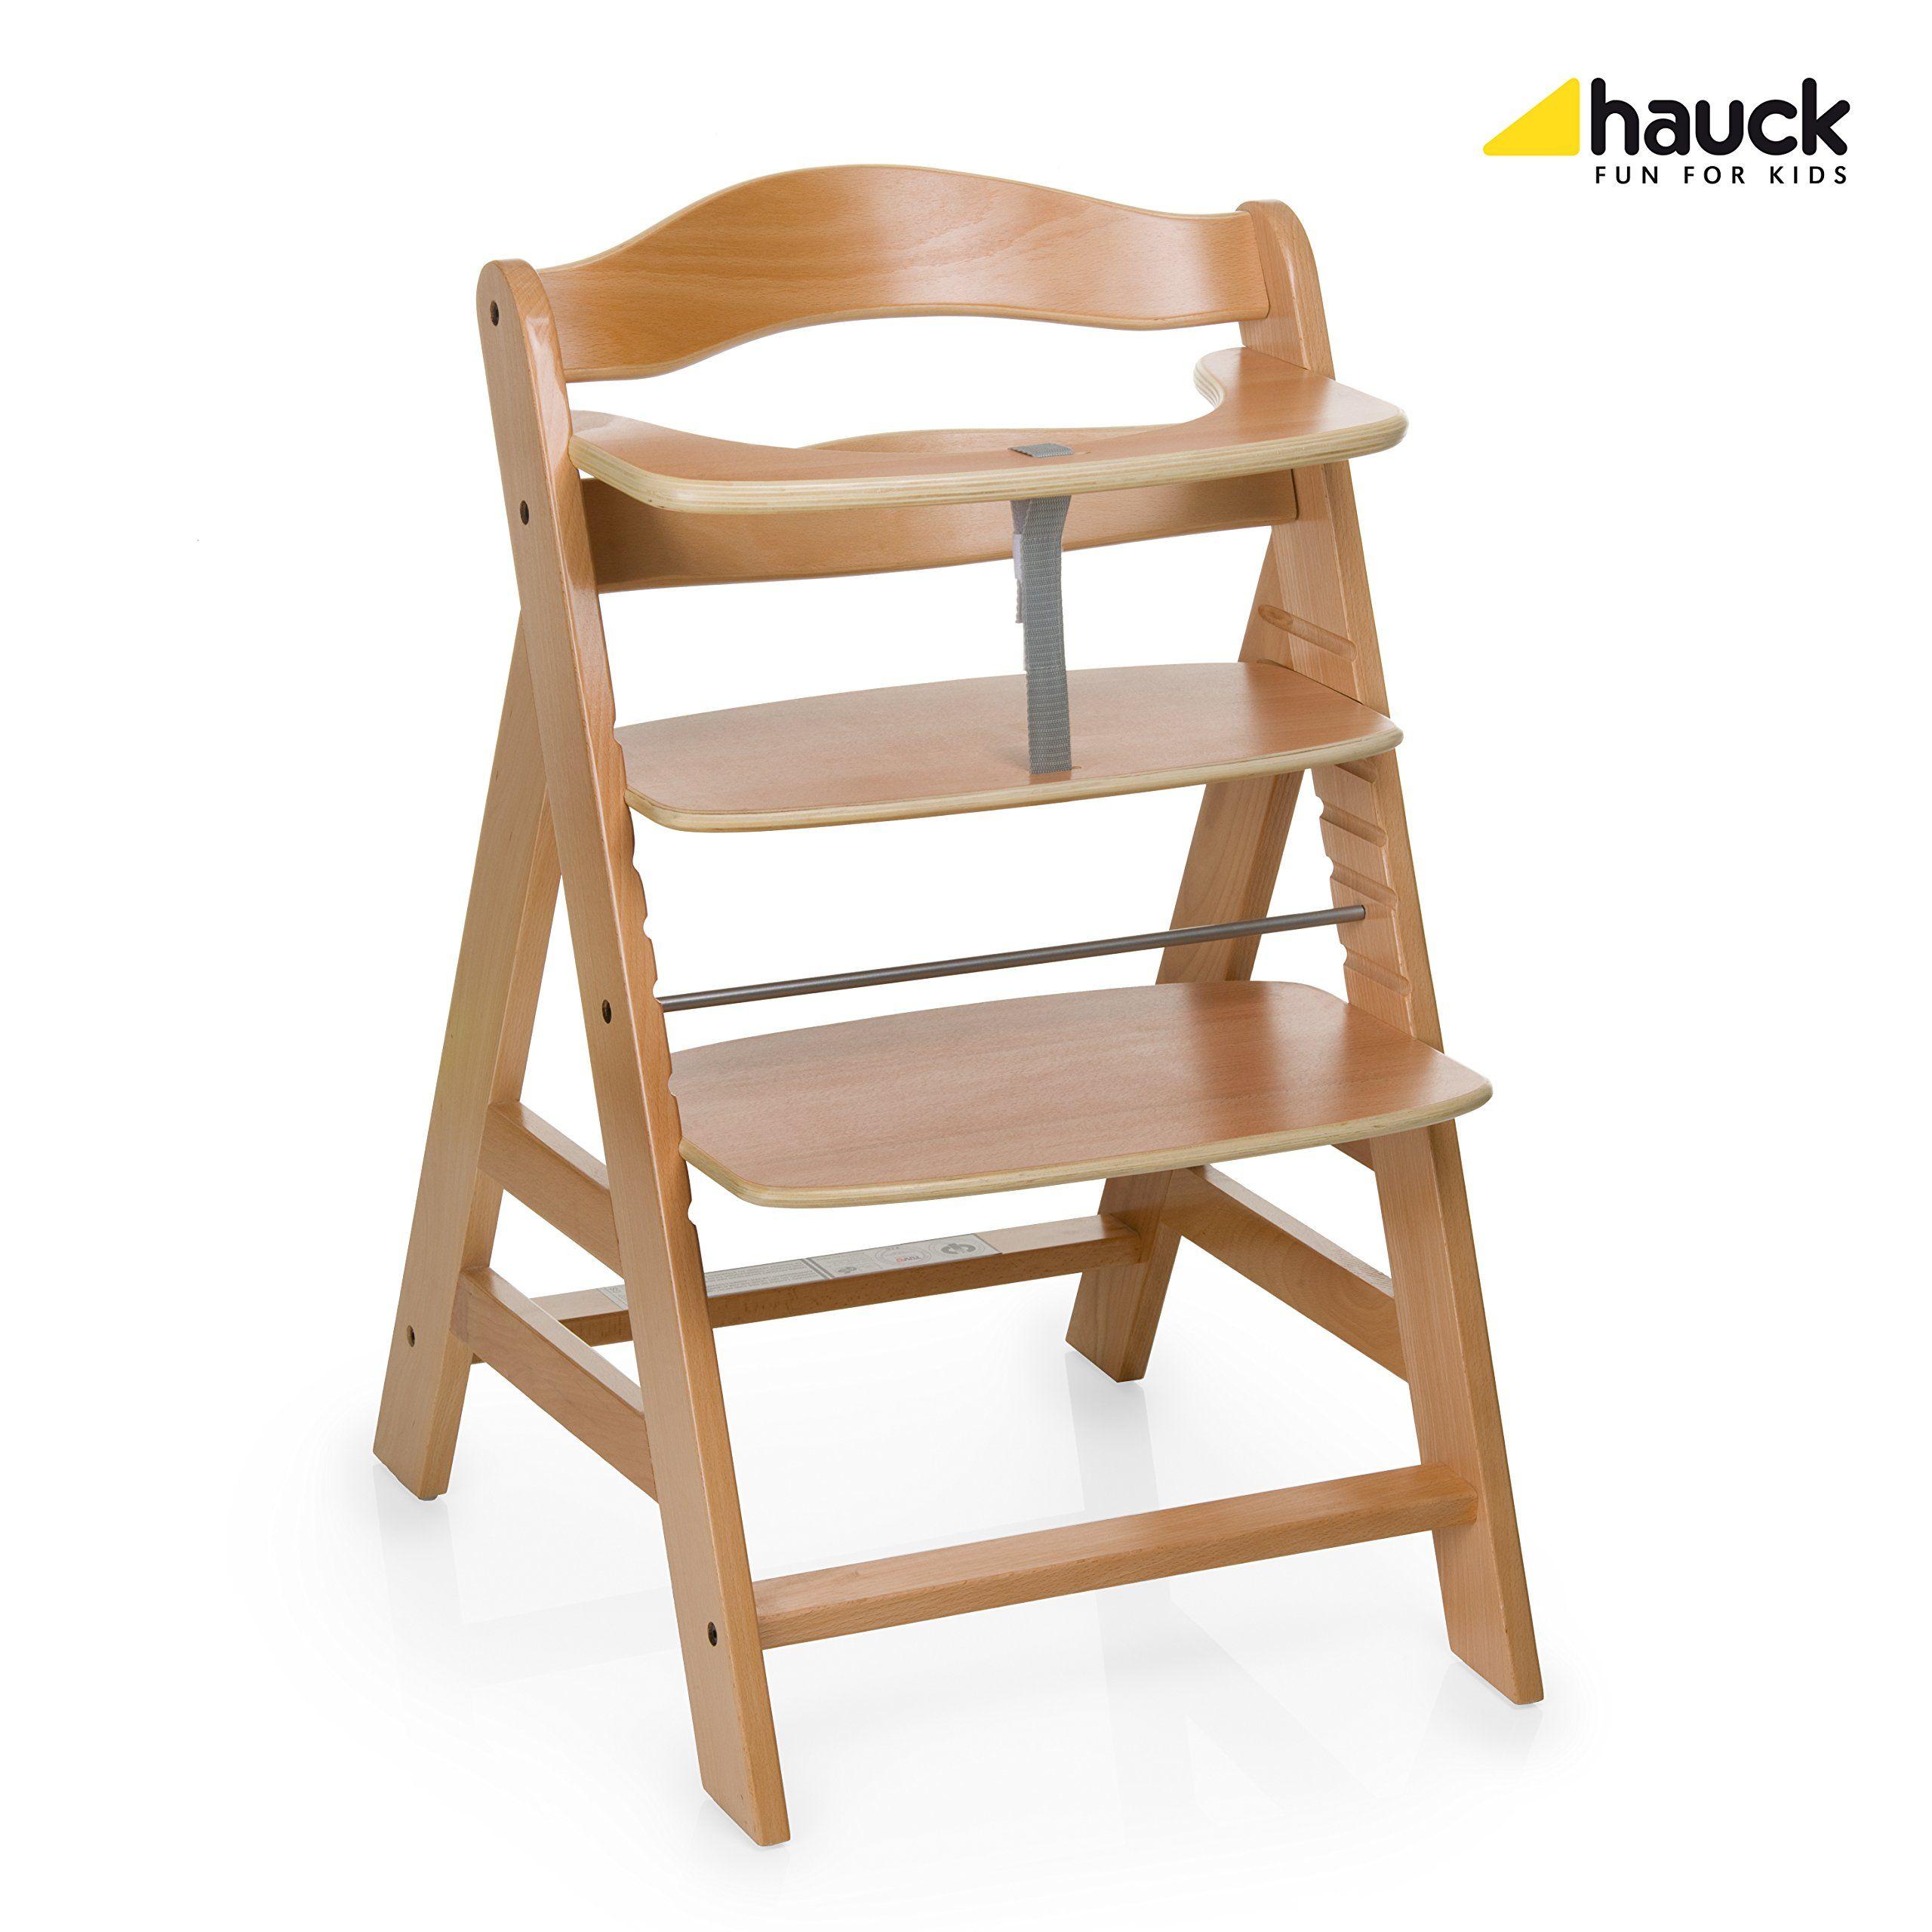 Hauck Alpha Wooden Highchair Amazon.co.uk Baby Wooden